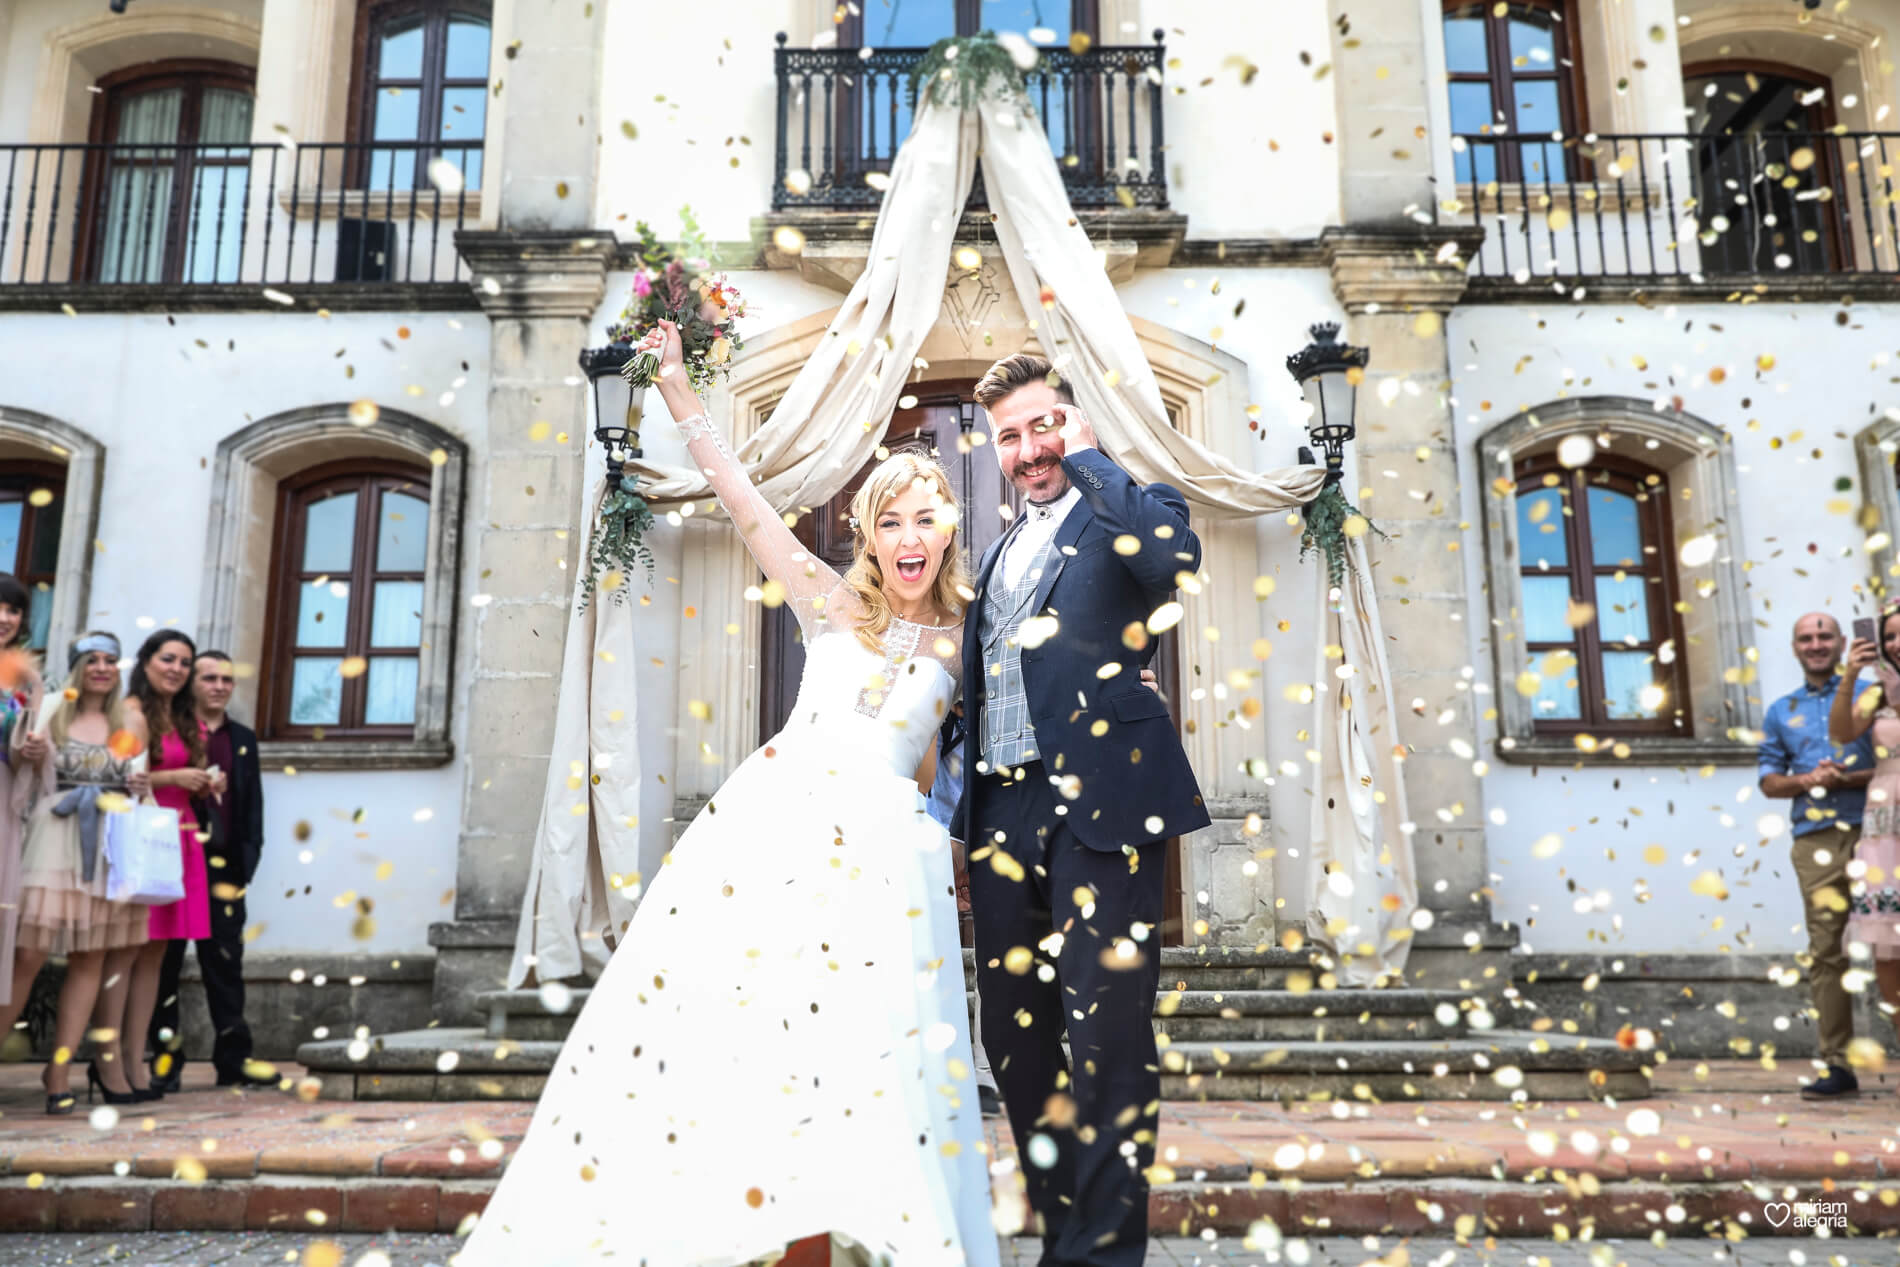 boda-en-finca-villa-vera-de-alemc7-miriam-alegria-fotografos-boda-murcia-89